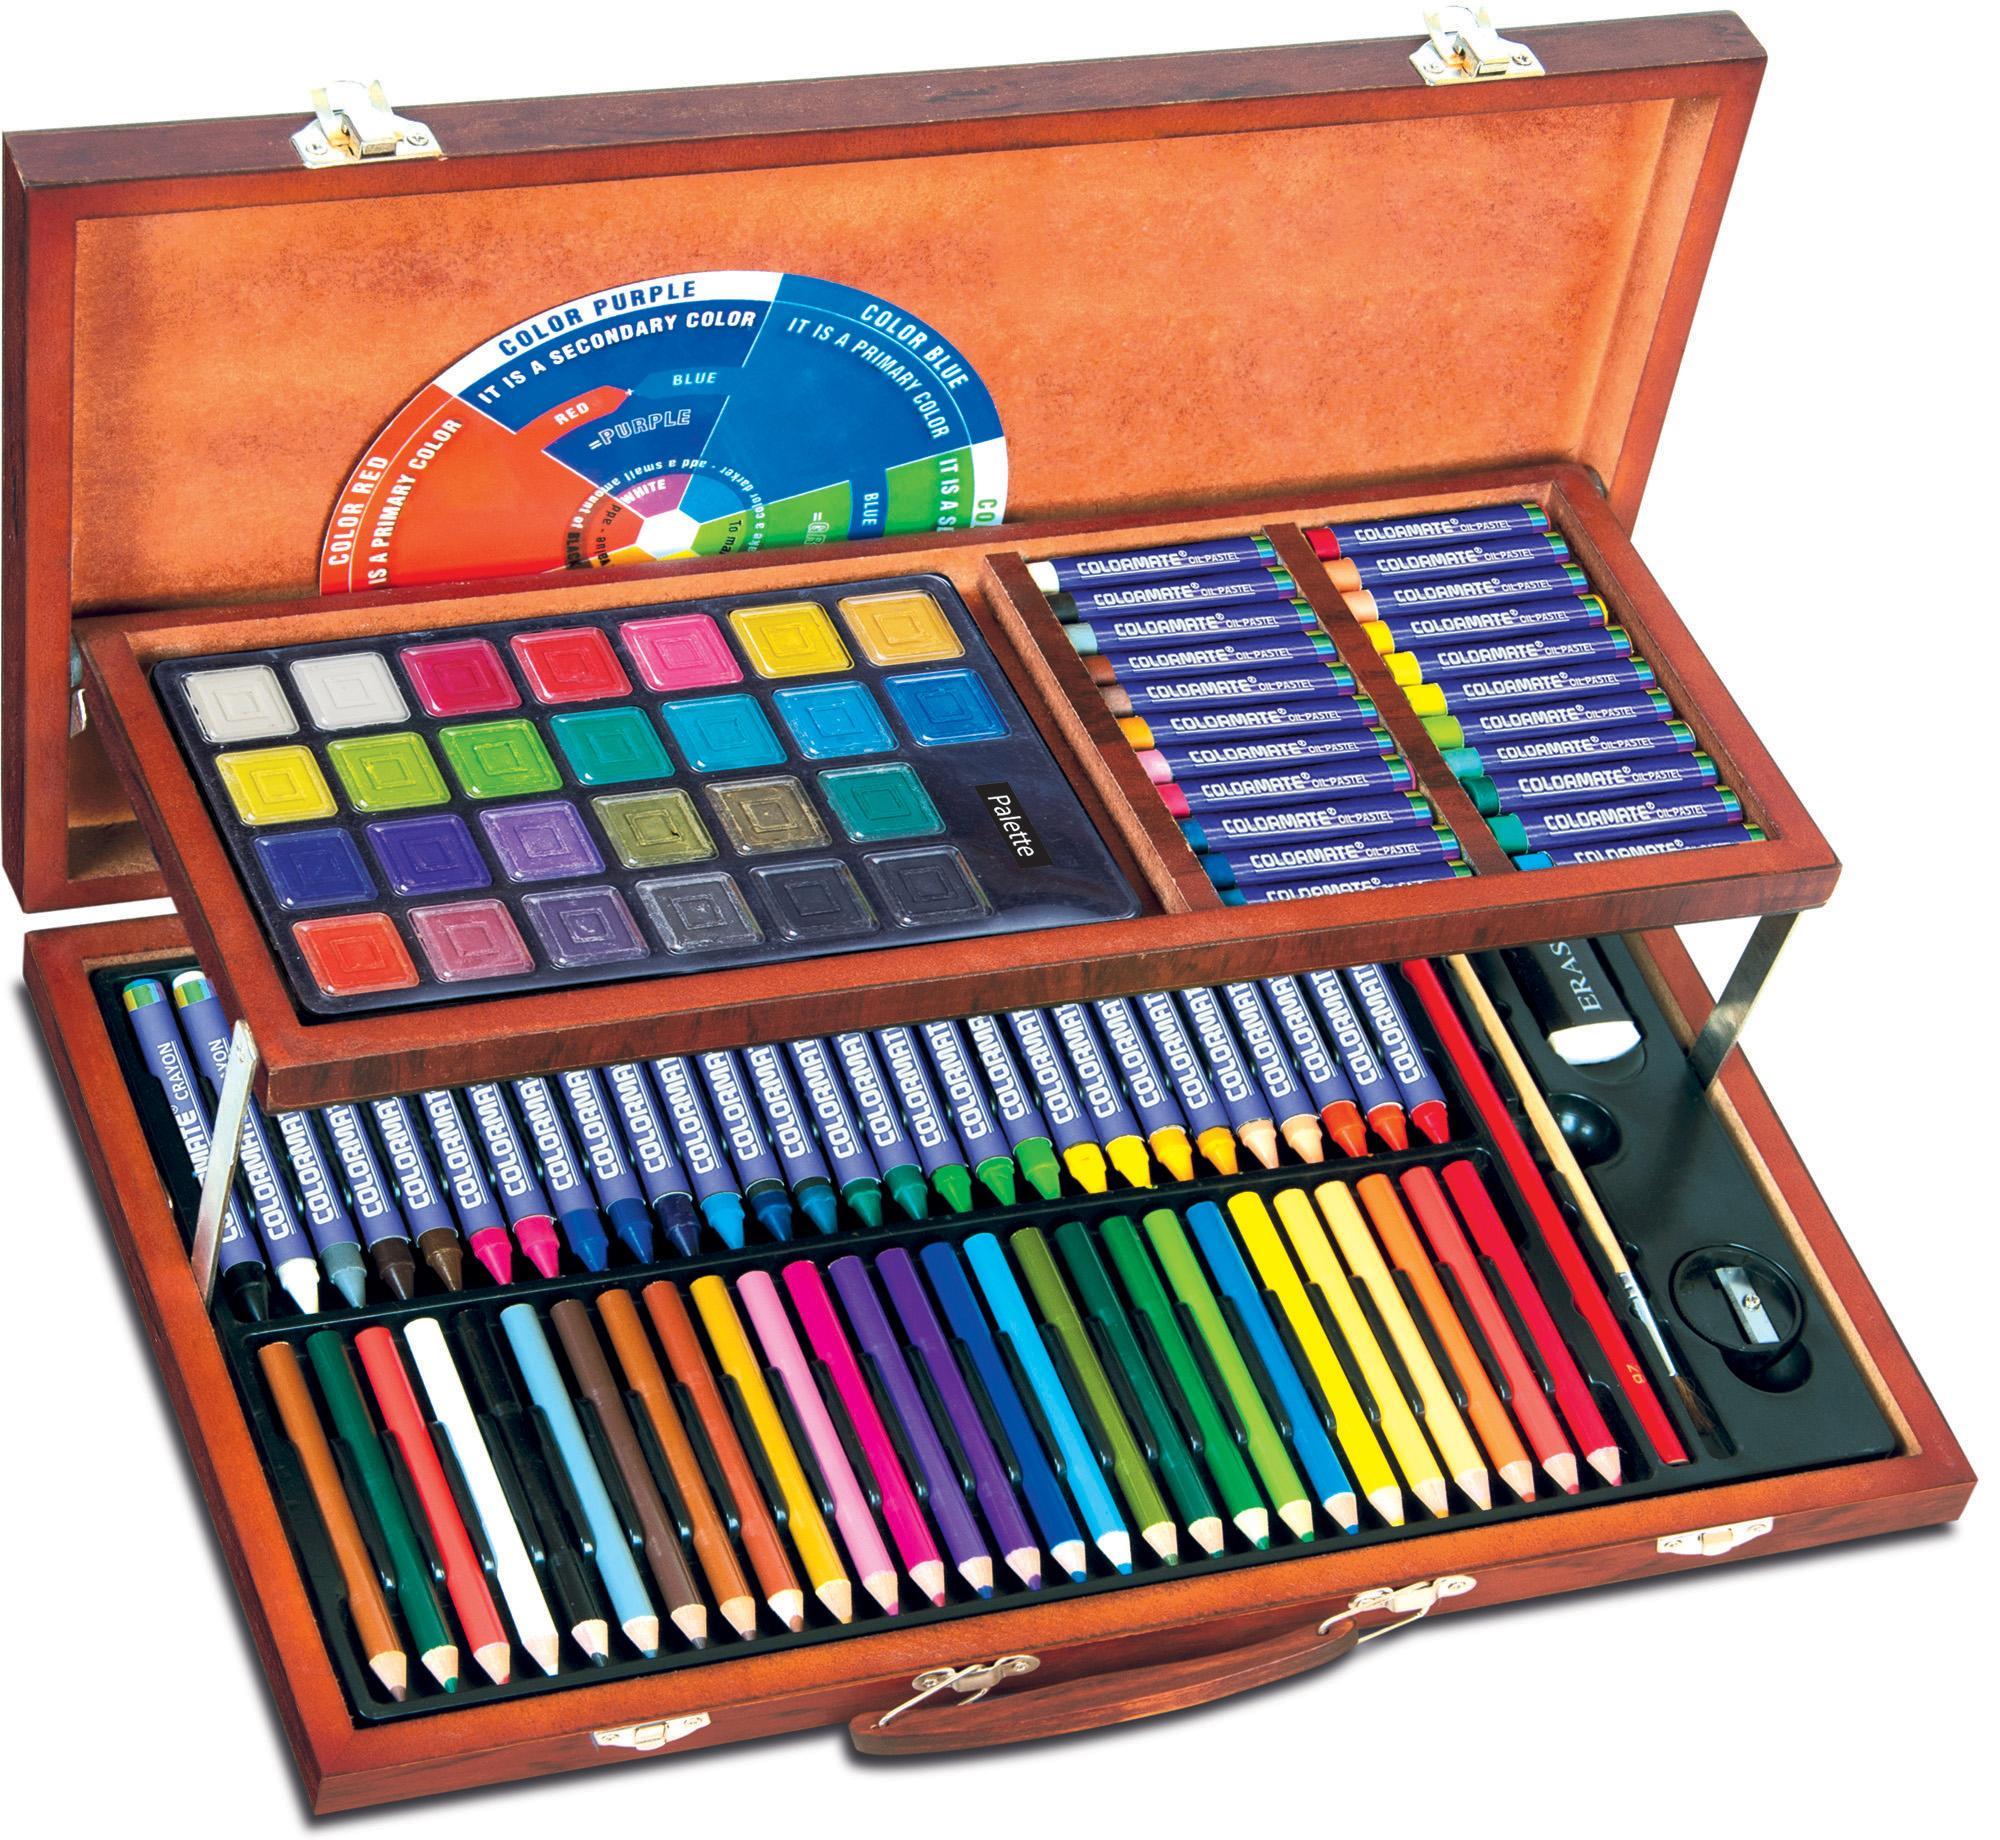 Bộ Màu Vẽ đa Năng Hộp Gỗ Colormate Ms-111w By Colormate.